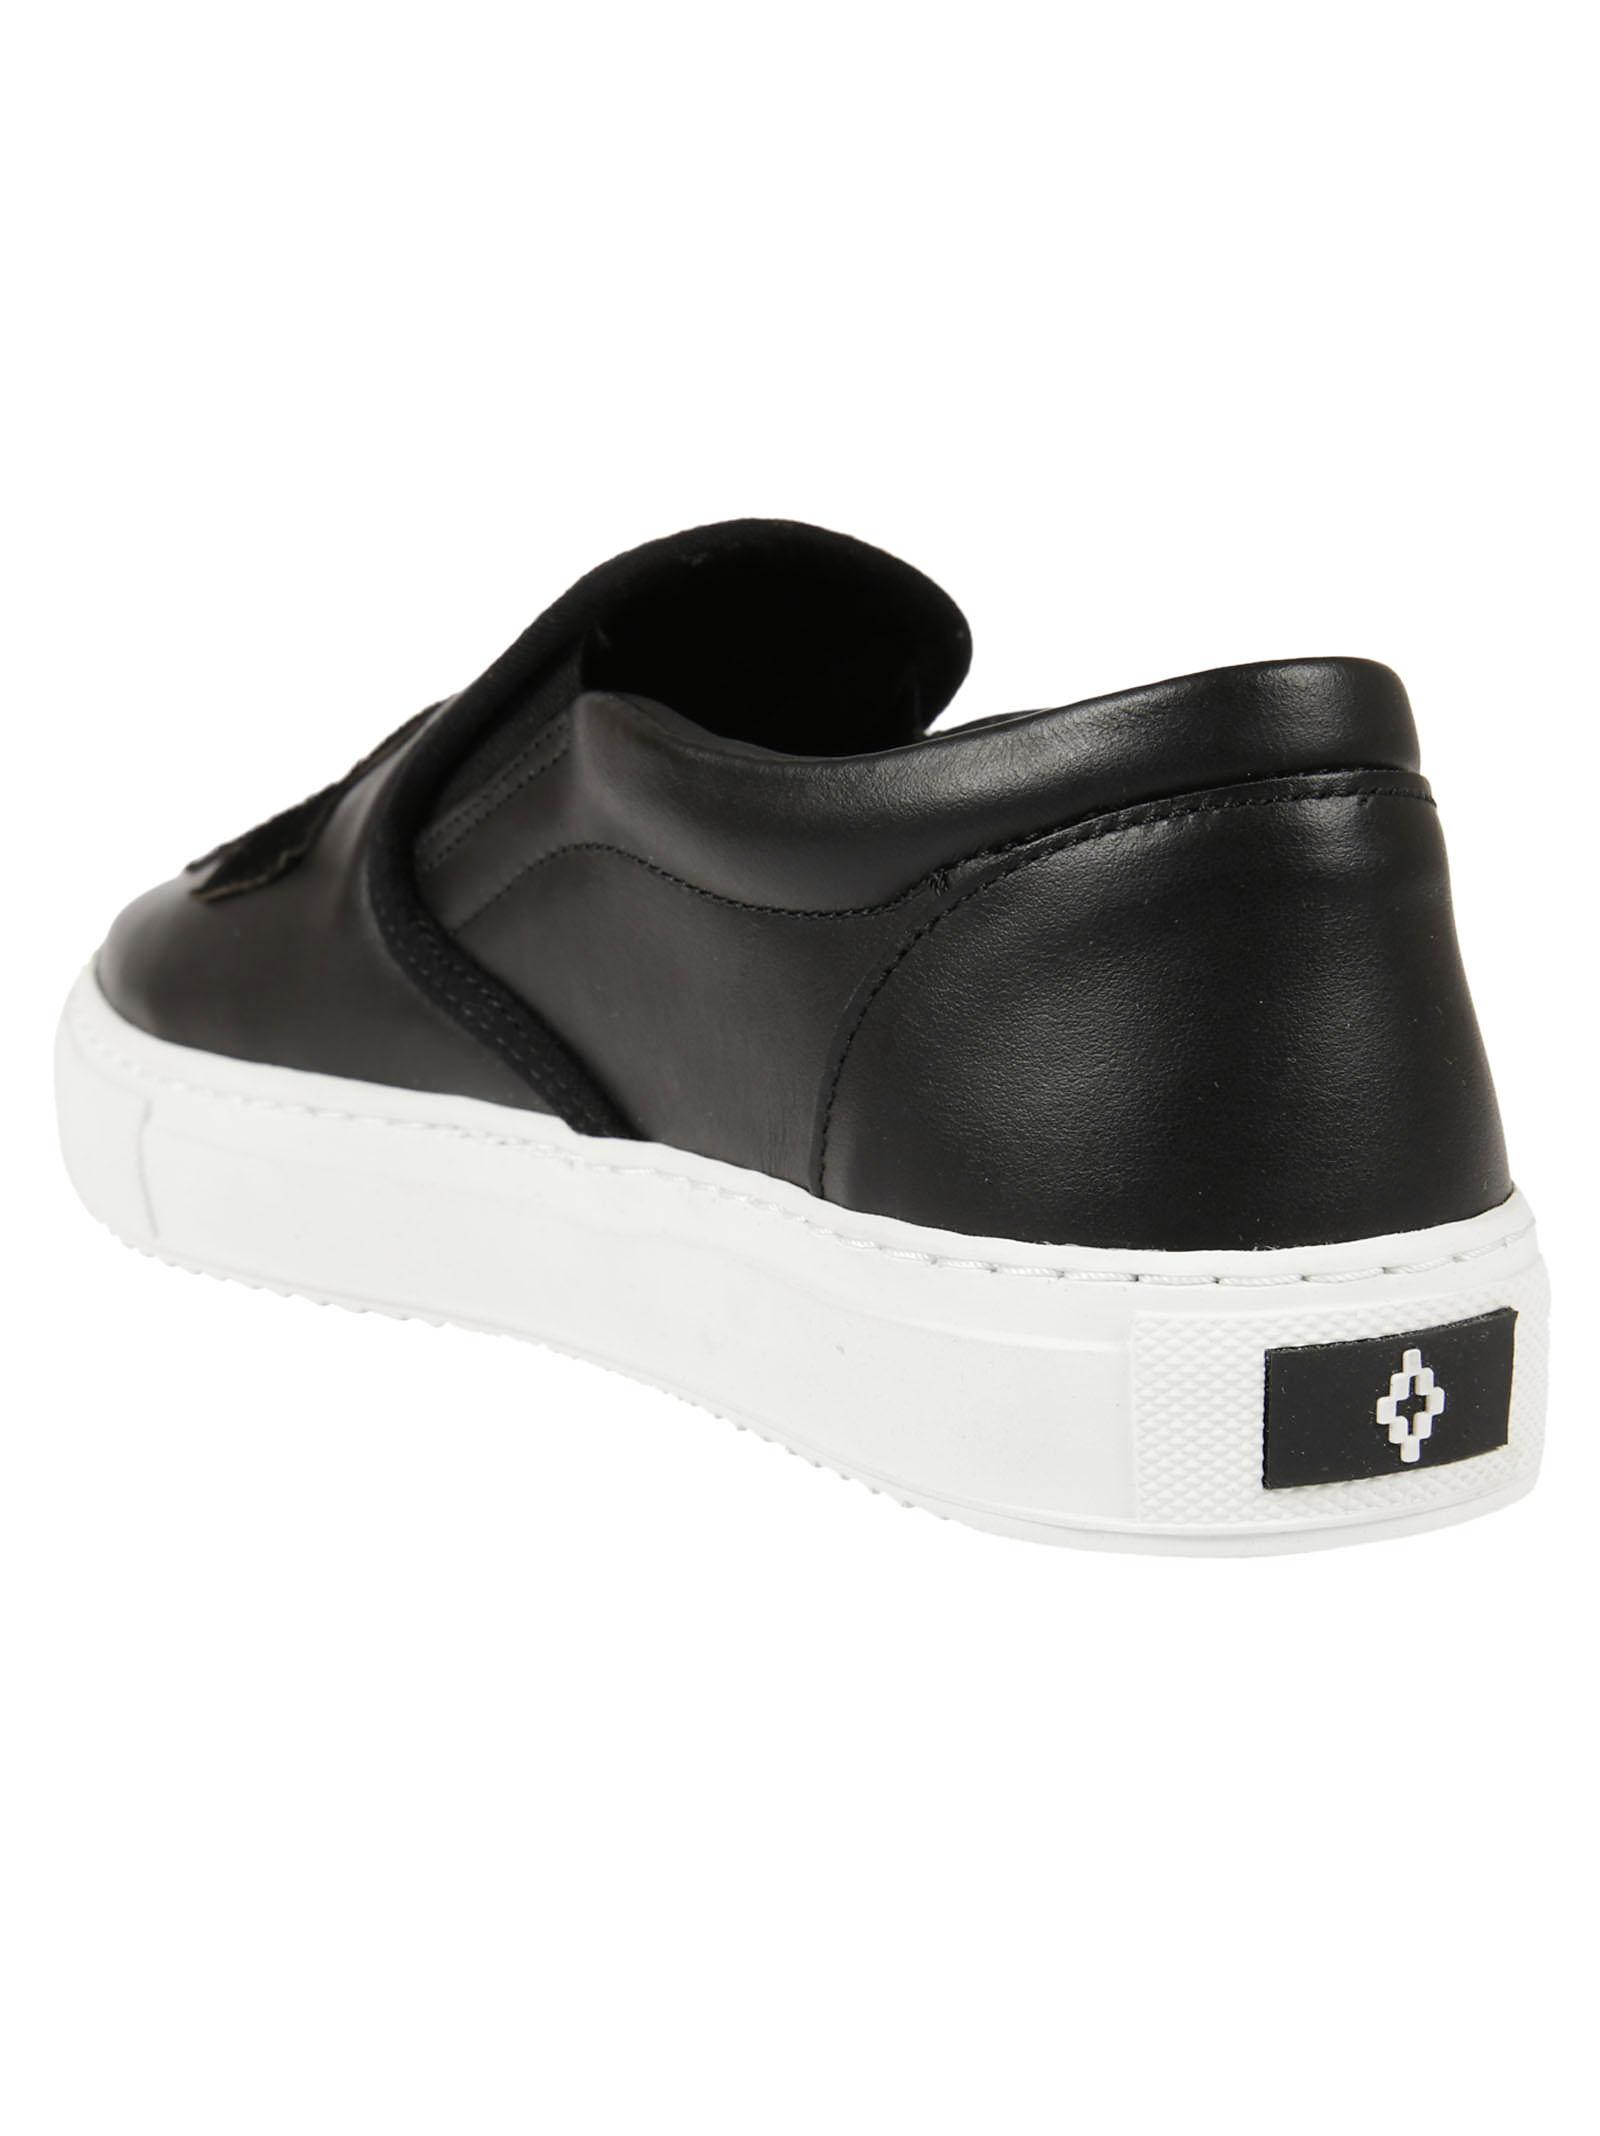 Marcelo Burlon Man Marcelo Burlon Logo Slip-On Sneakers